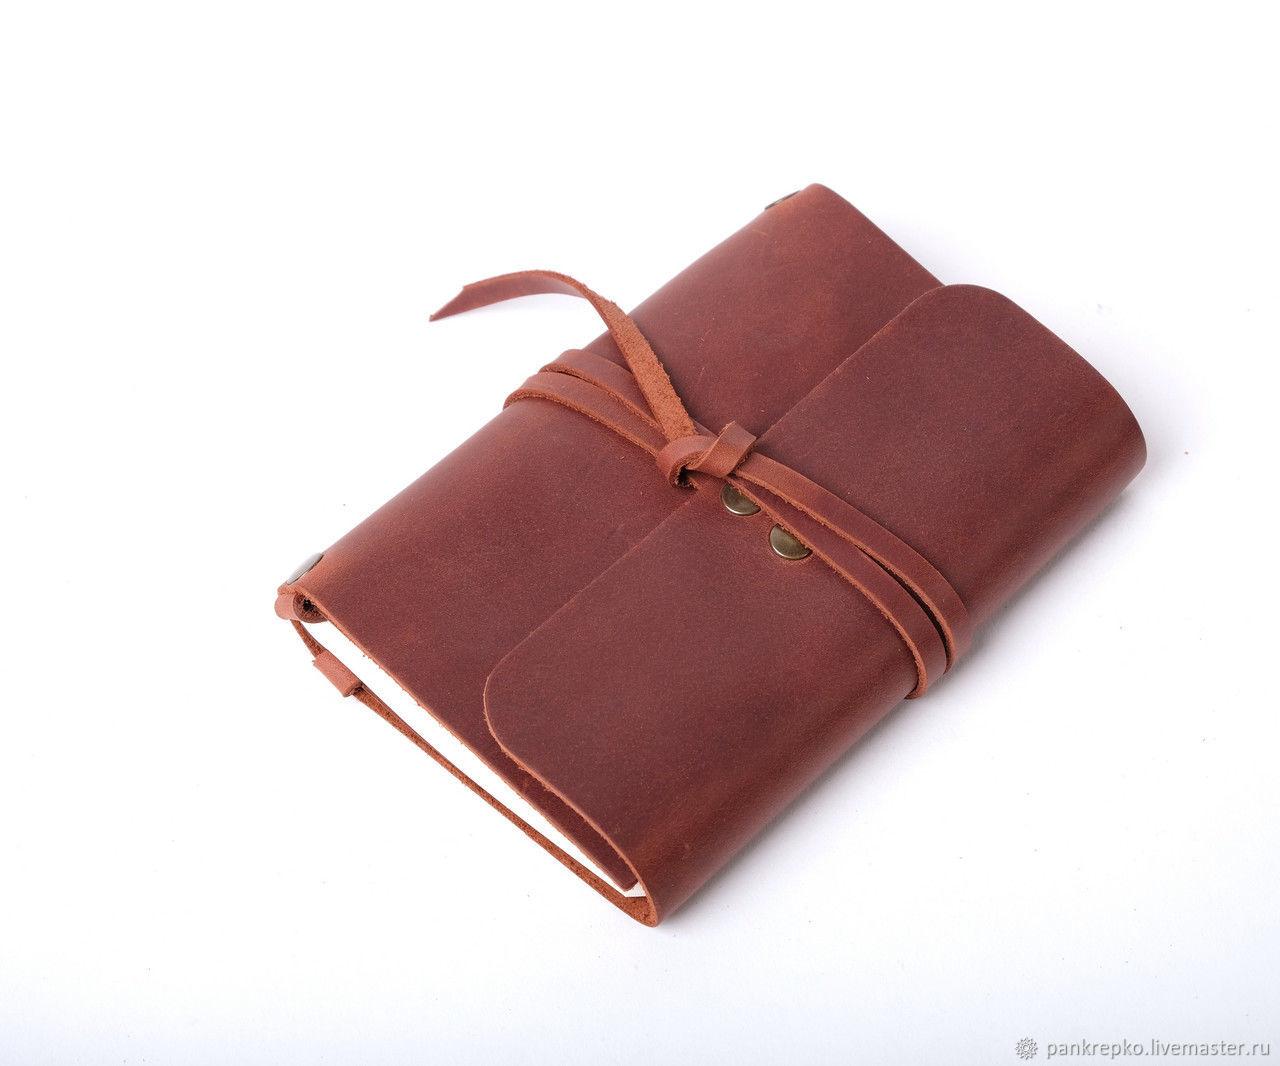 Кожаный коричневый блокнот А6 «Nota6 Cognac» ручной работы, Блокноты, Львов,  Фото №1